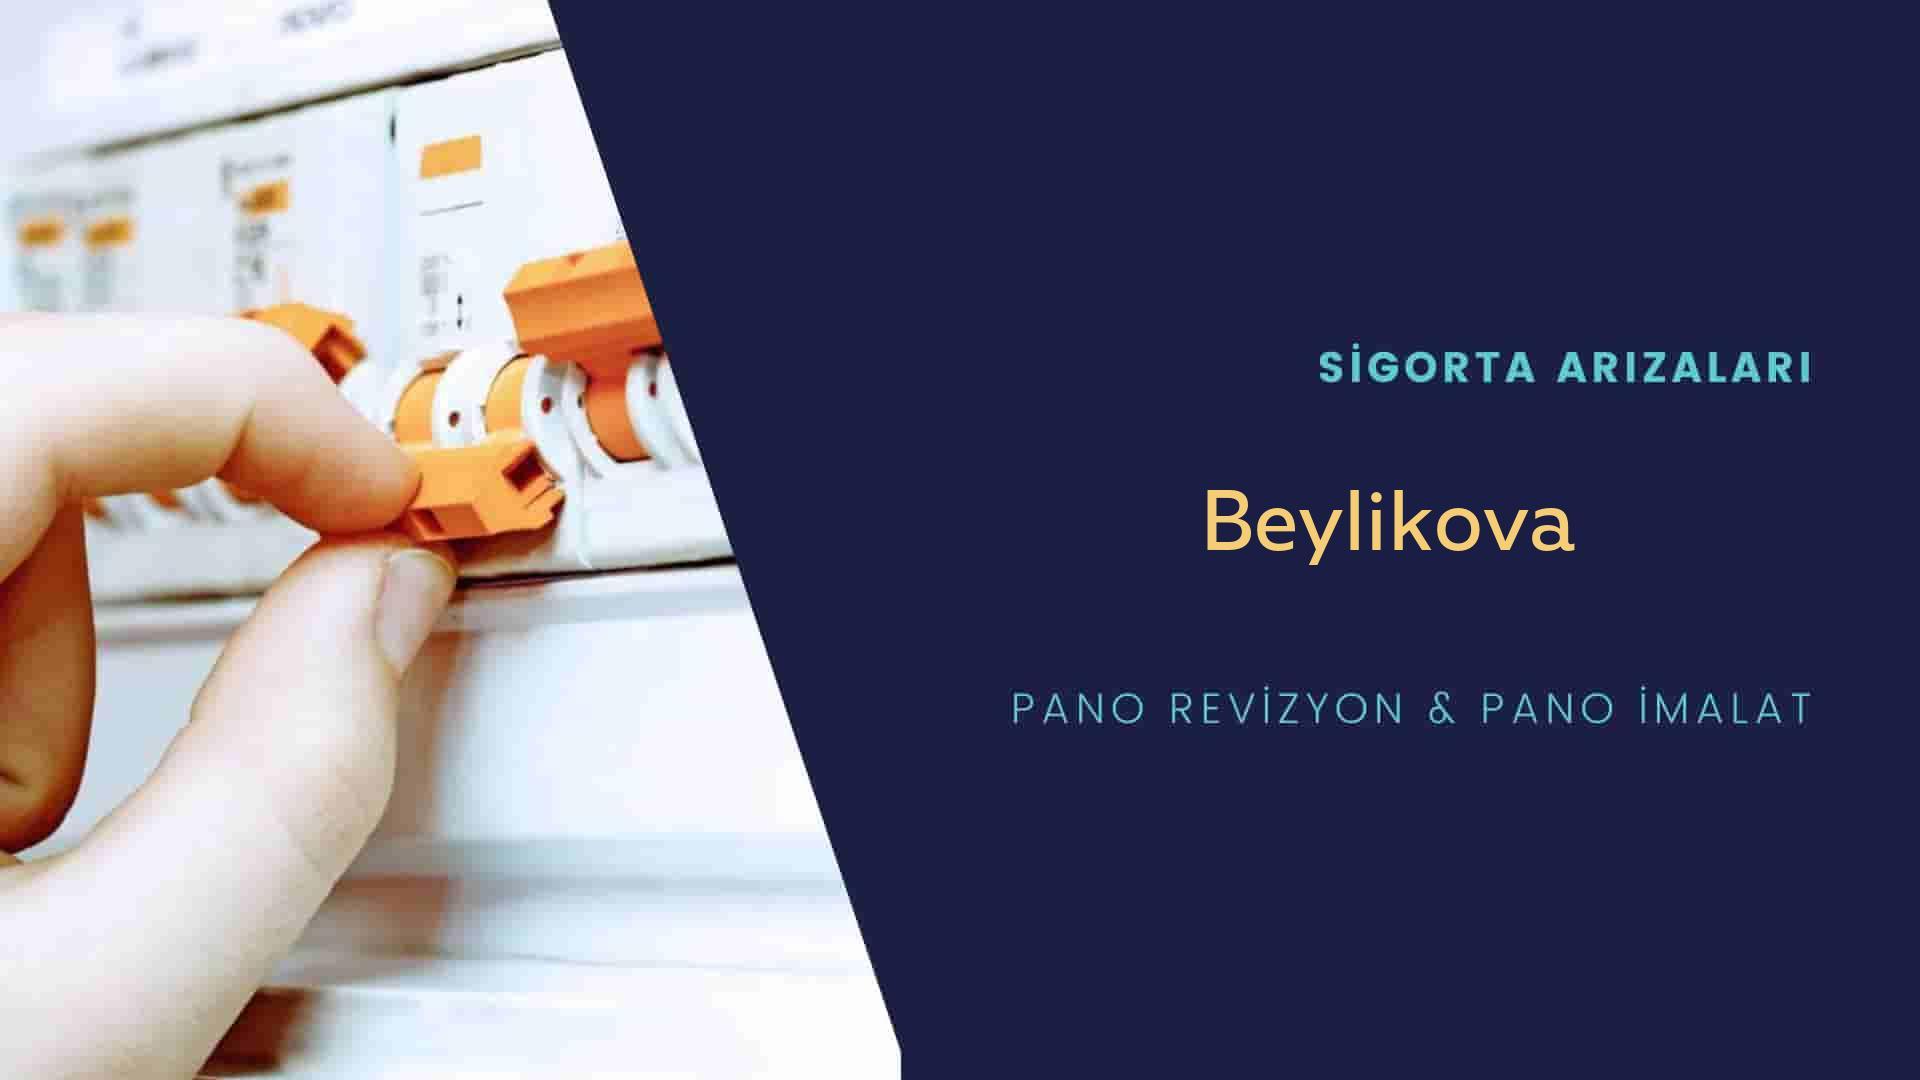 Beylikova Sigorta Arızaları İçin Profesyonel Elektrikçi ustalarımızı dilediğiniz zaman arayabilir talepte bulunabilirsiniz.